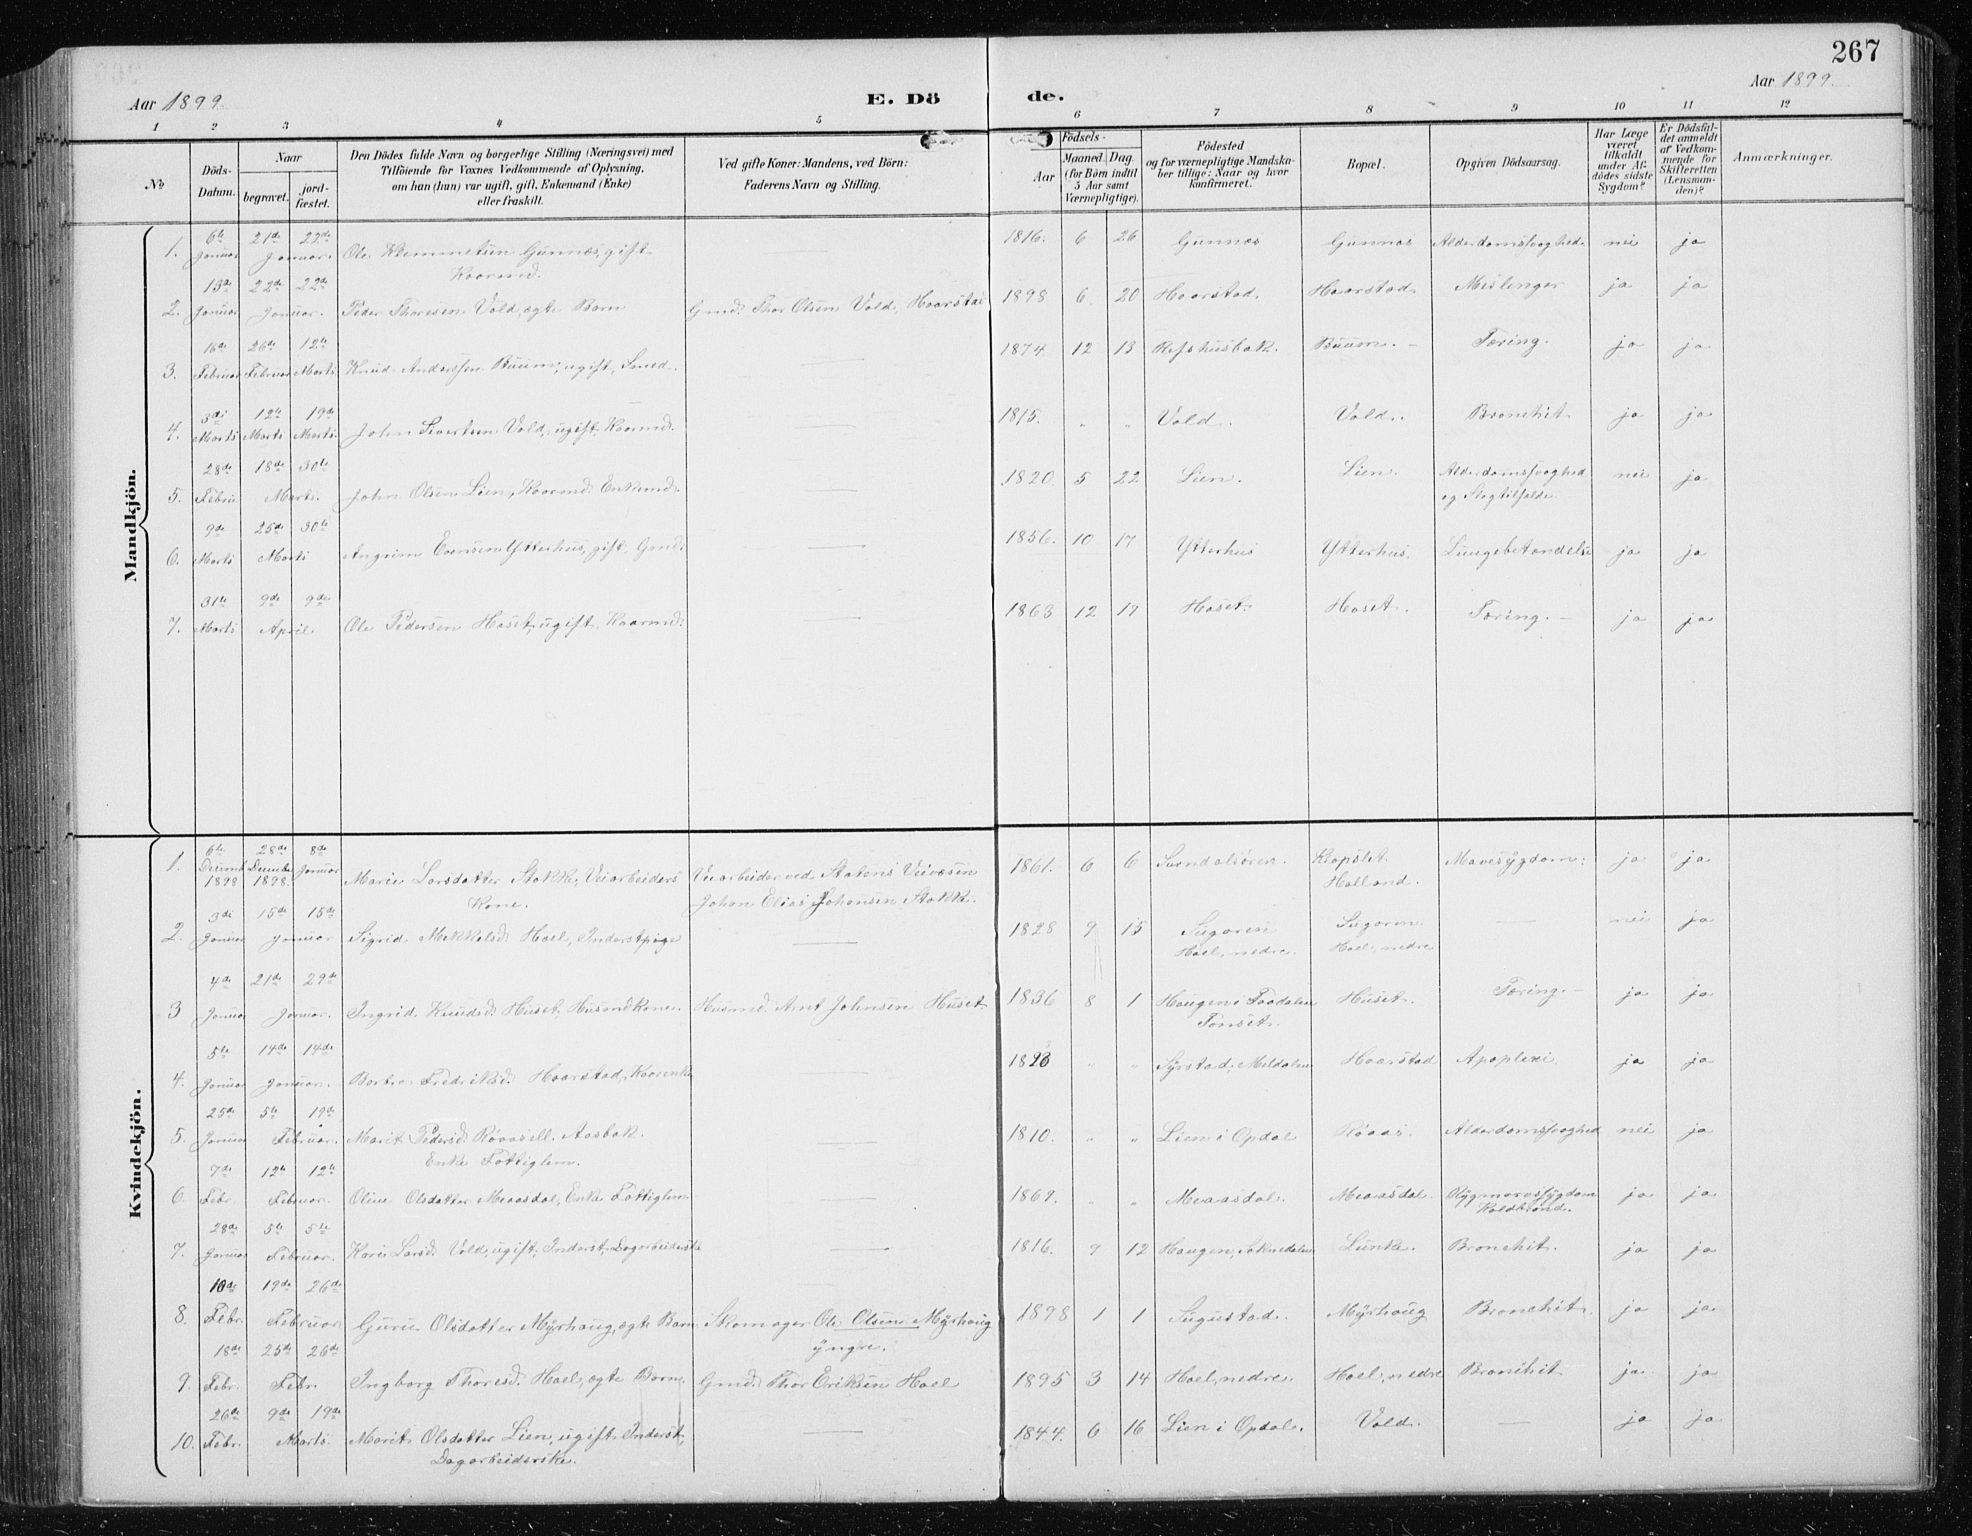 SAT, Ministerialprotokoller, klokkerbøker og fødselsregistre - Sør-Trøndelag, 674/L0876: Klokkerbok nr. 674C03, 1892-1912, s. 267